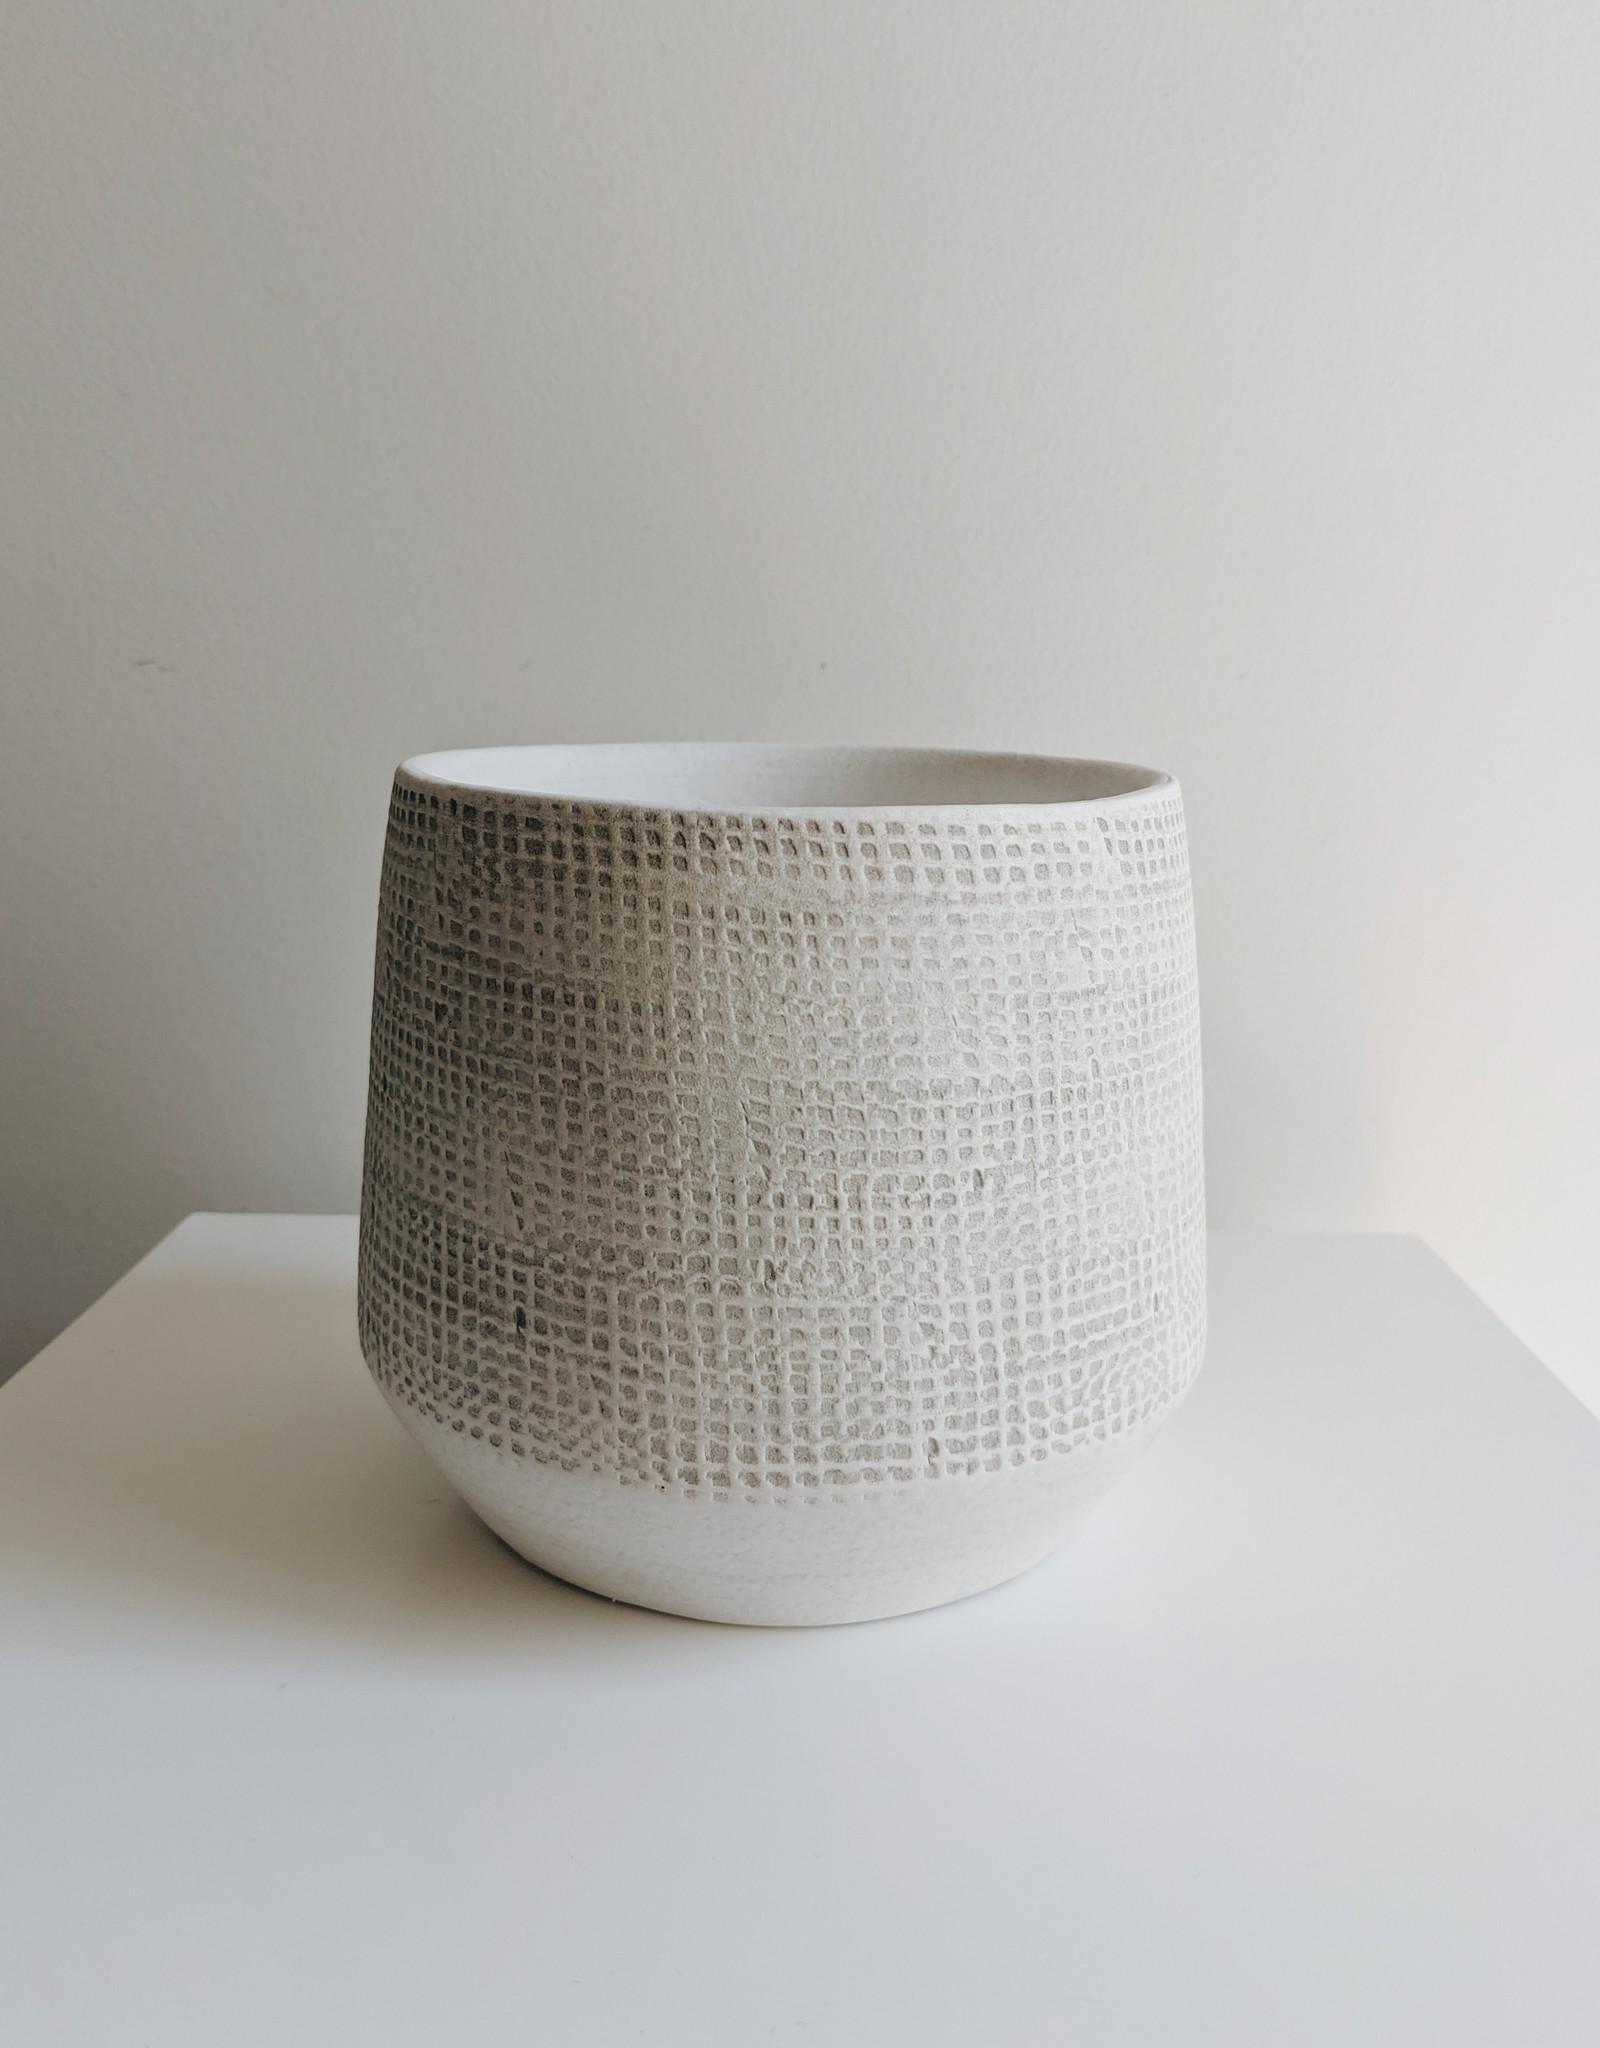 Off White Pot Cover